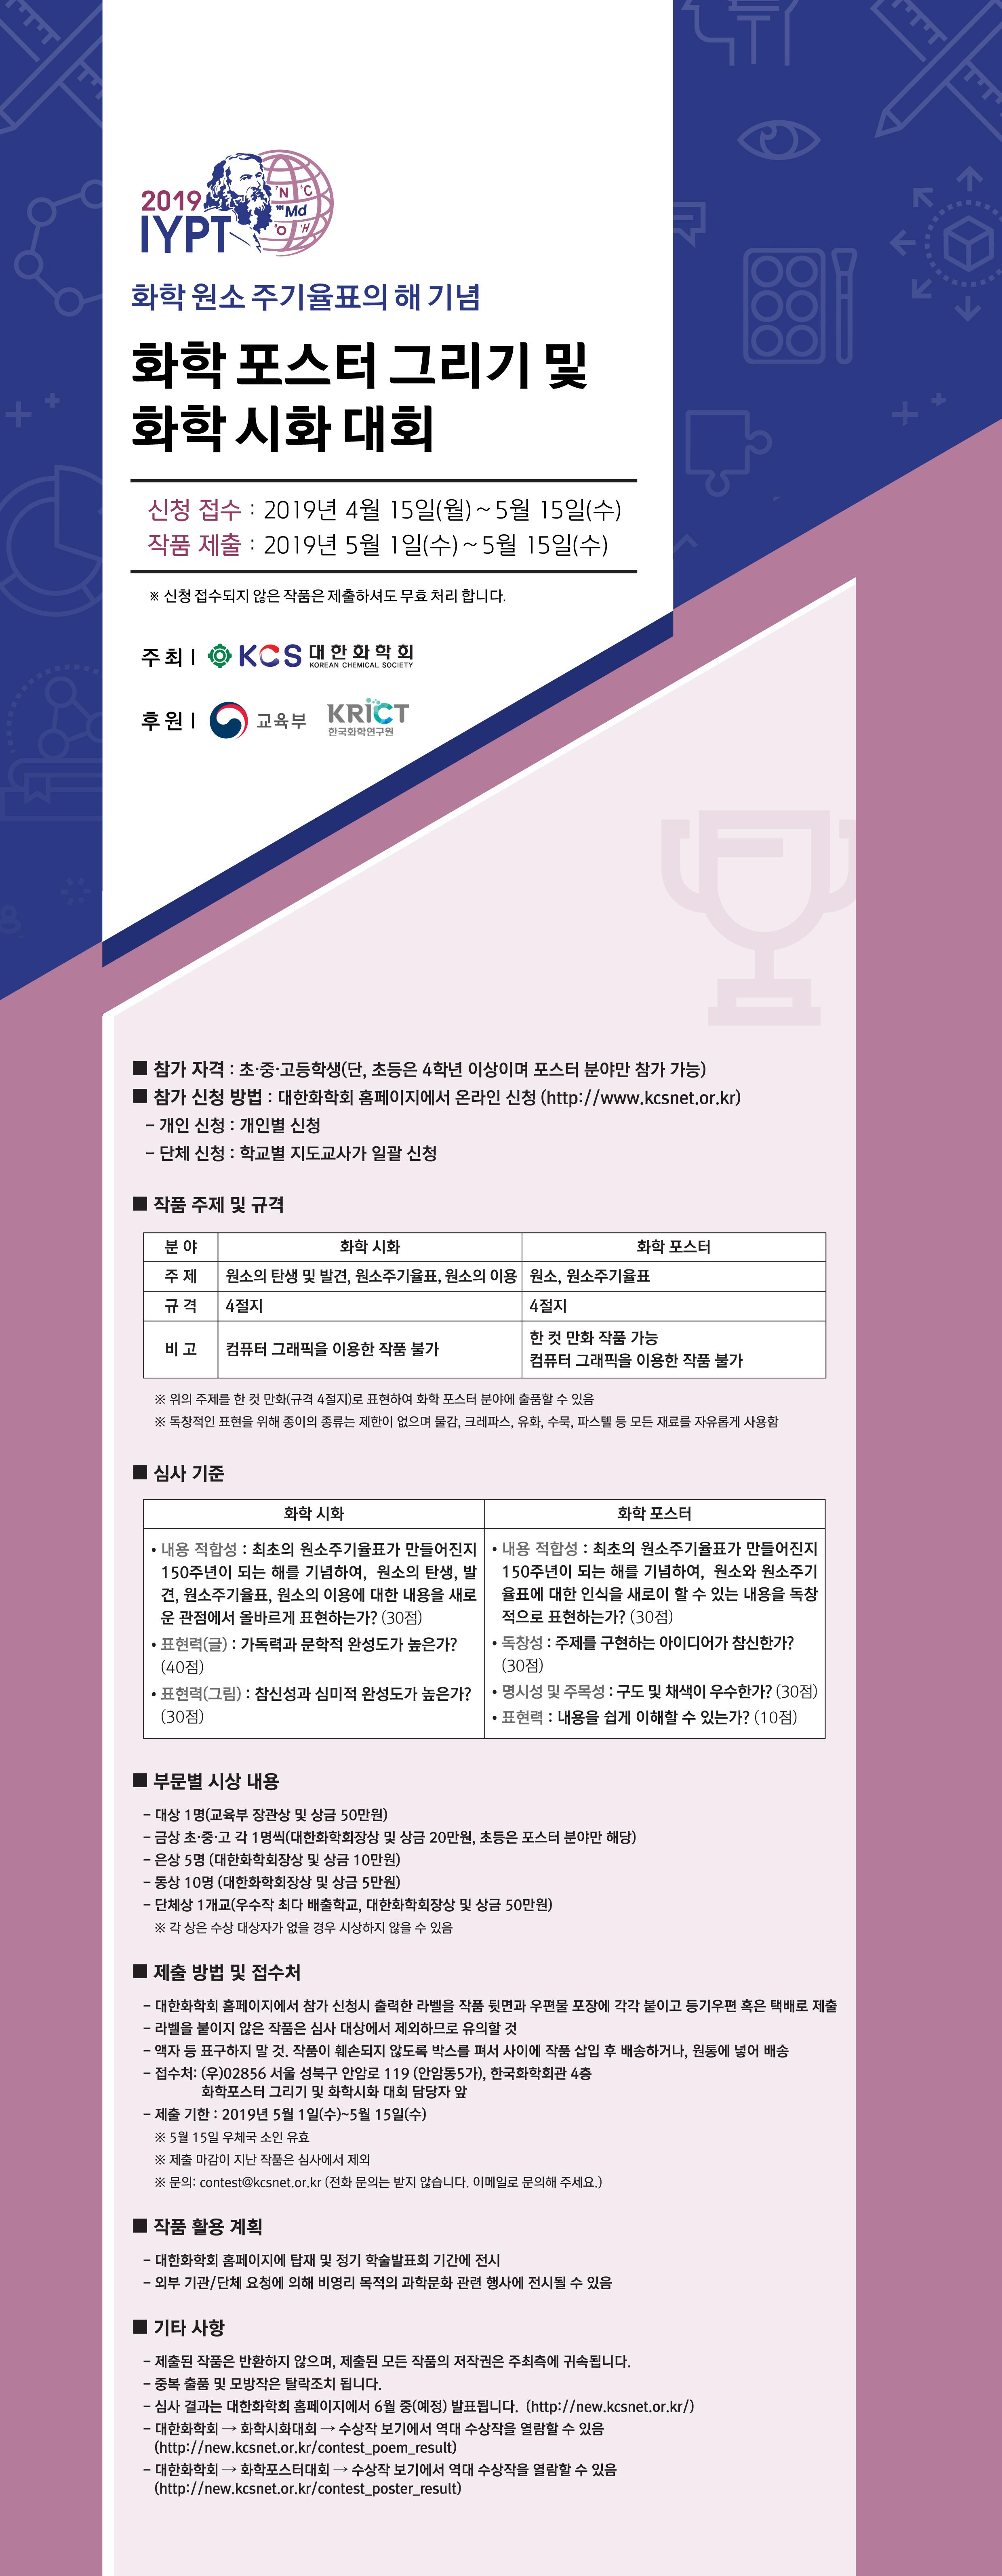 화학포스터그리기및화학시화대회_2019.jpg